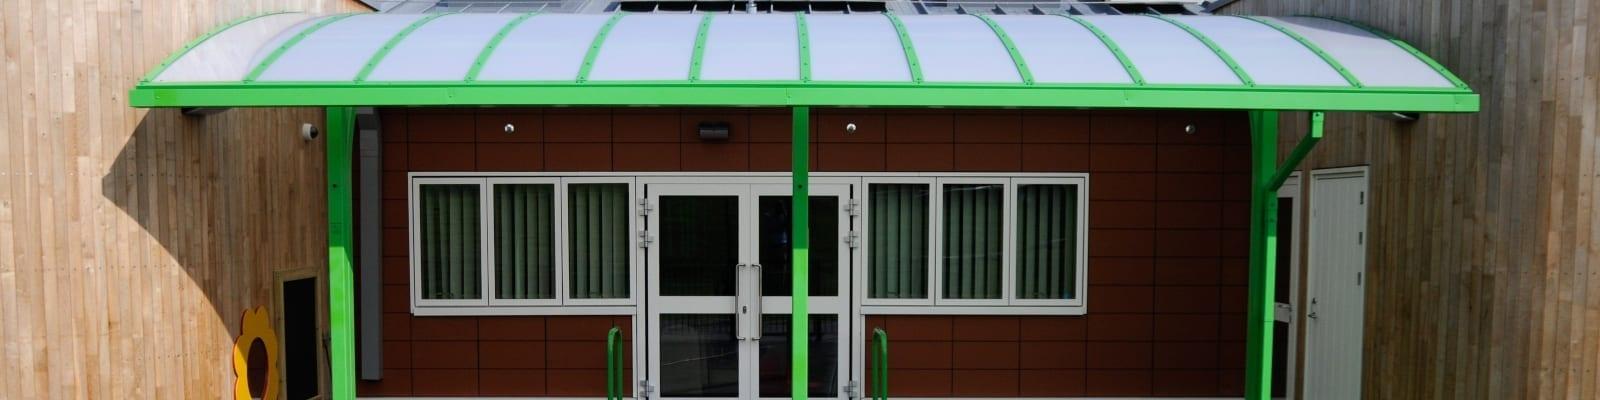 Ysgol Bro Alun Cantilever Shelter